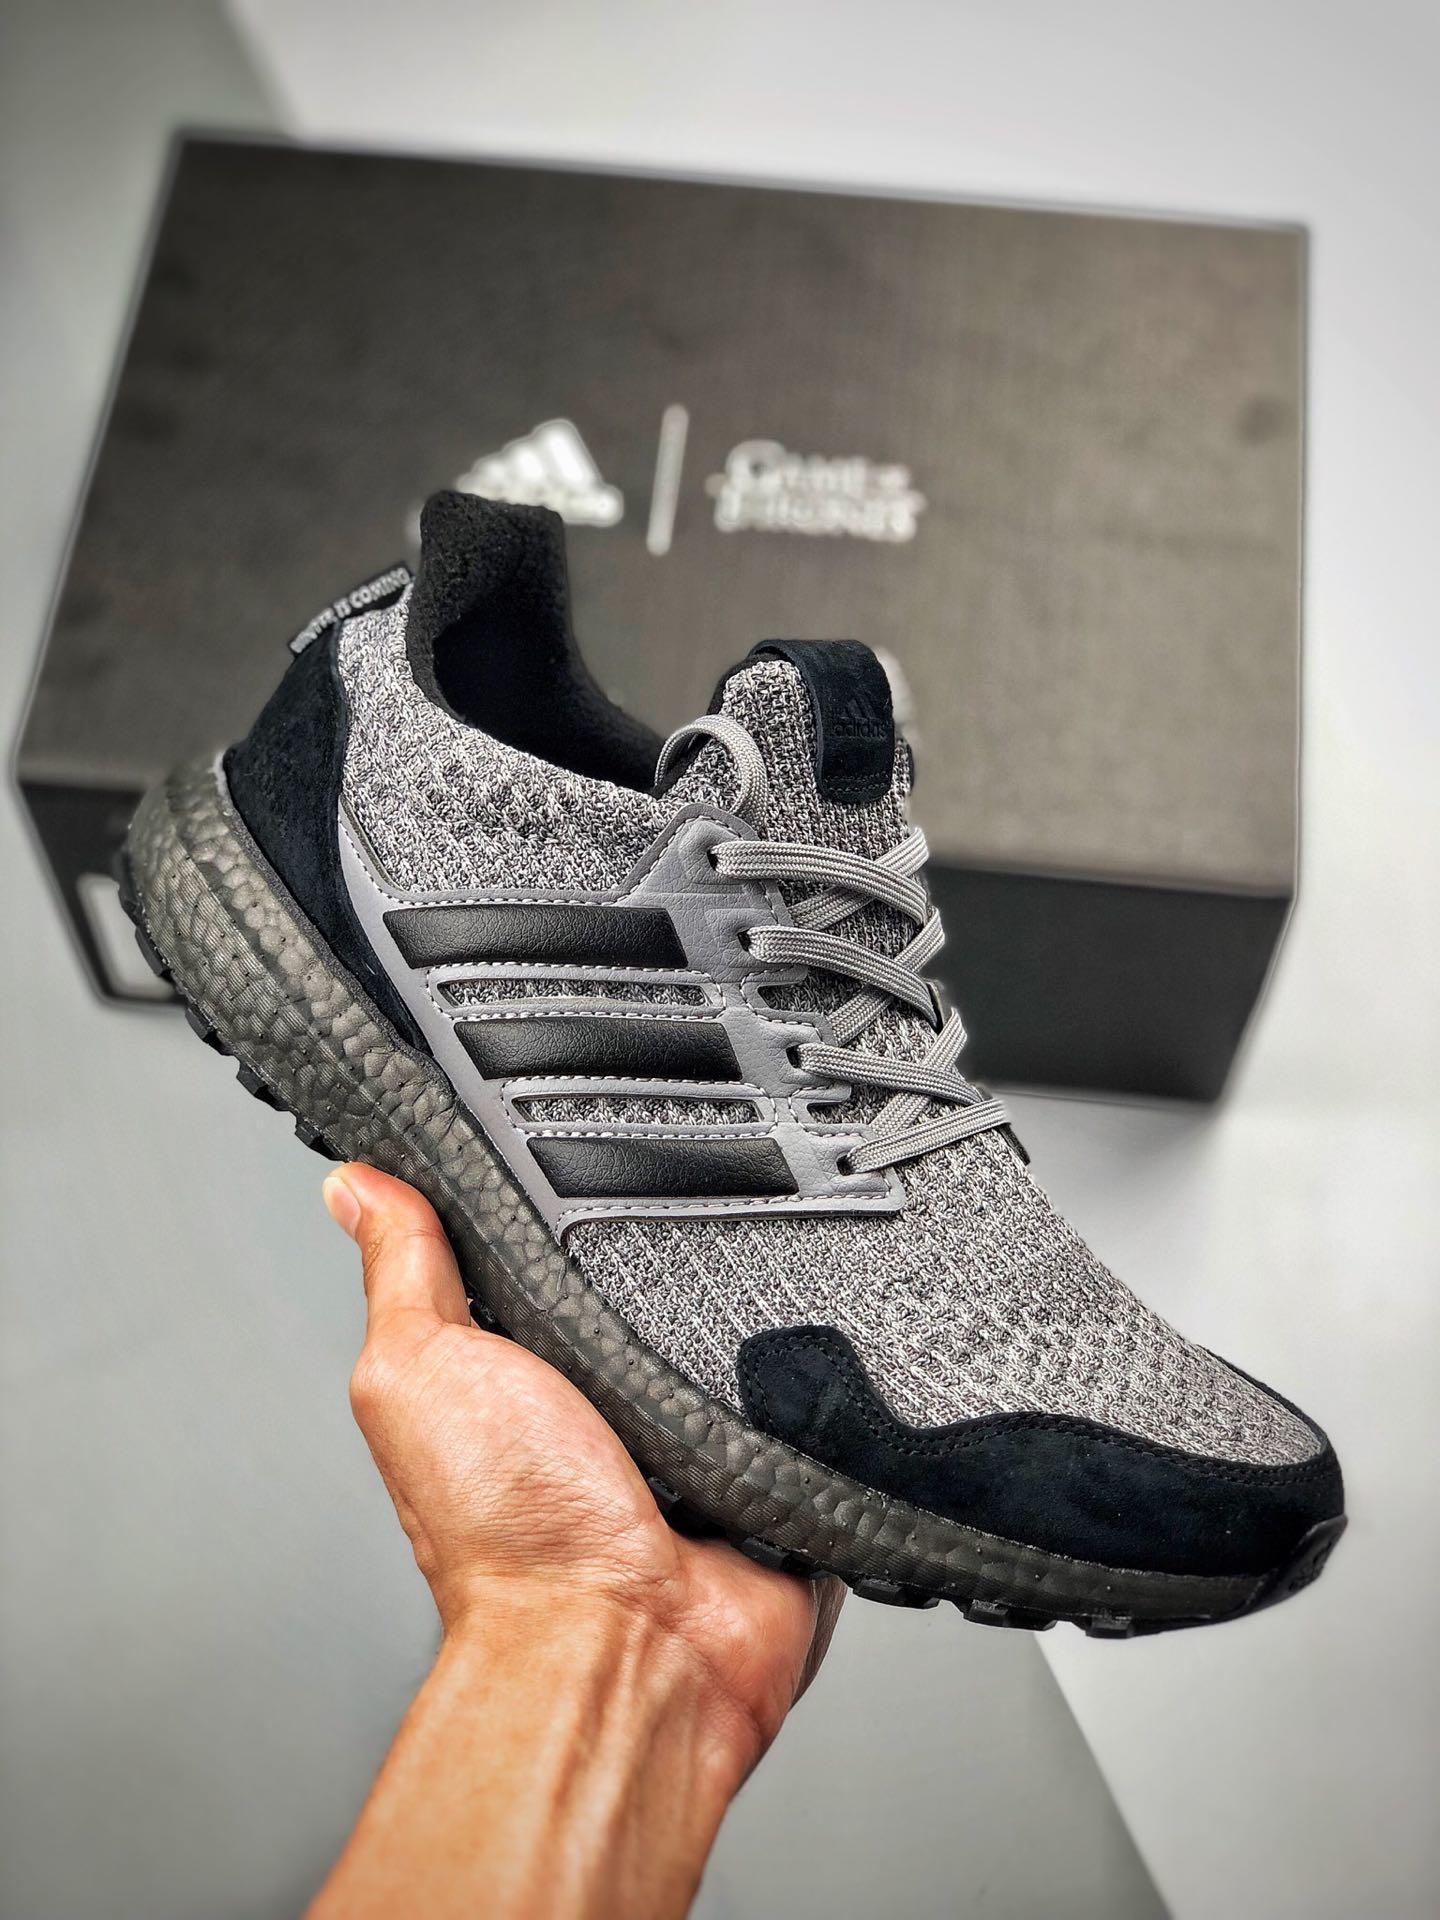 ADIDAS ULTRA BOOST 4.0 EE3706 | Adidas